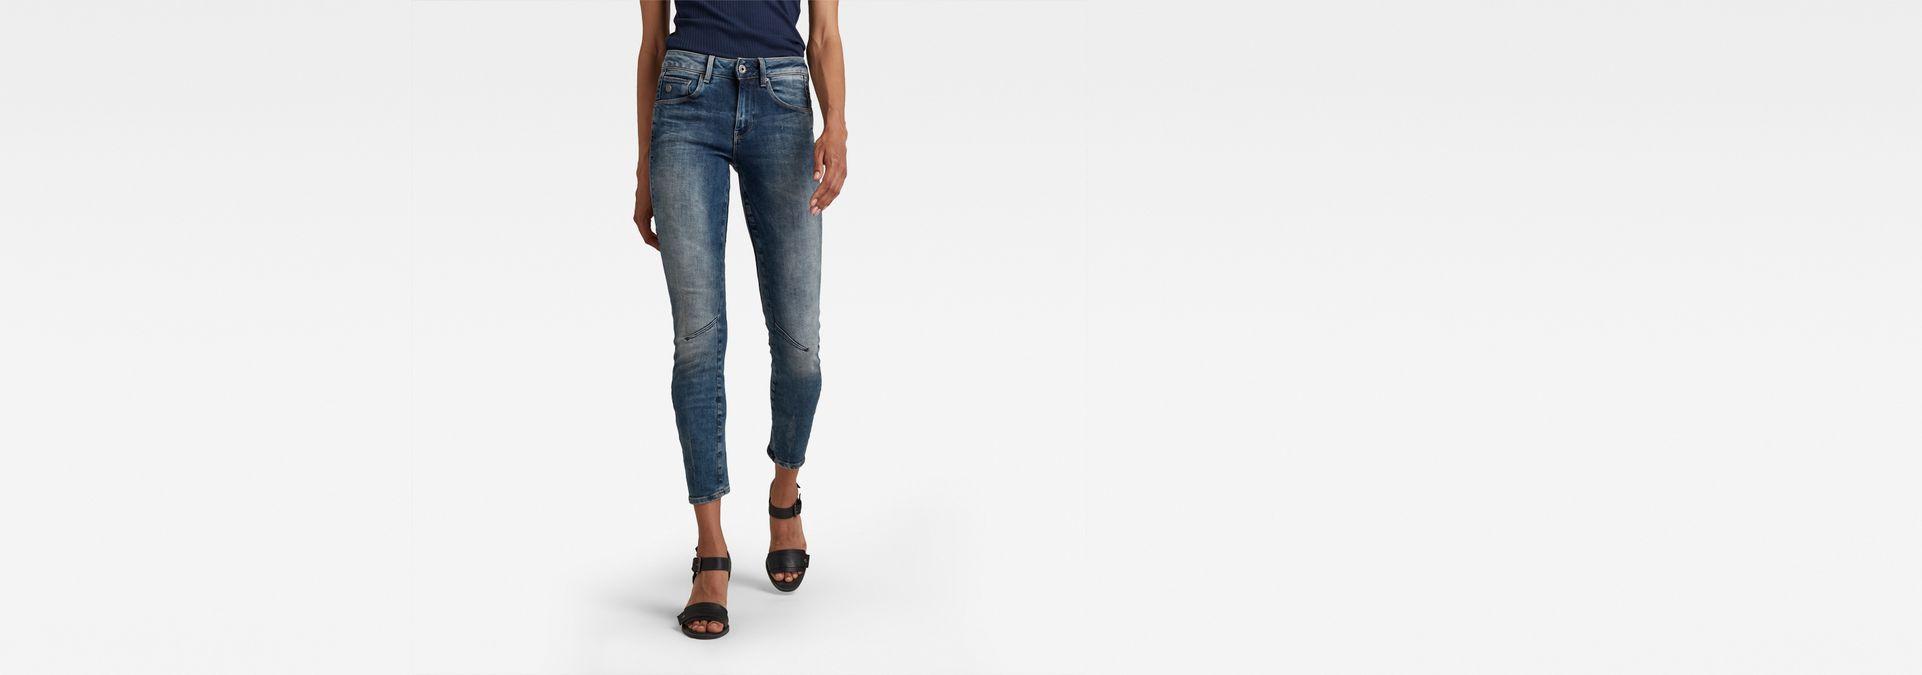 2d0d0539416 Arc 3D Mid Waist Skinny Jeans | Medium Aged | Women | G-Star RAW®